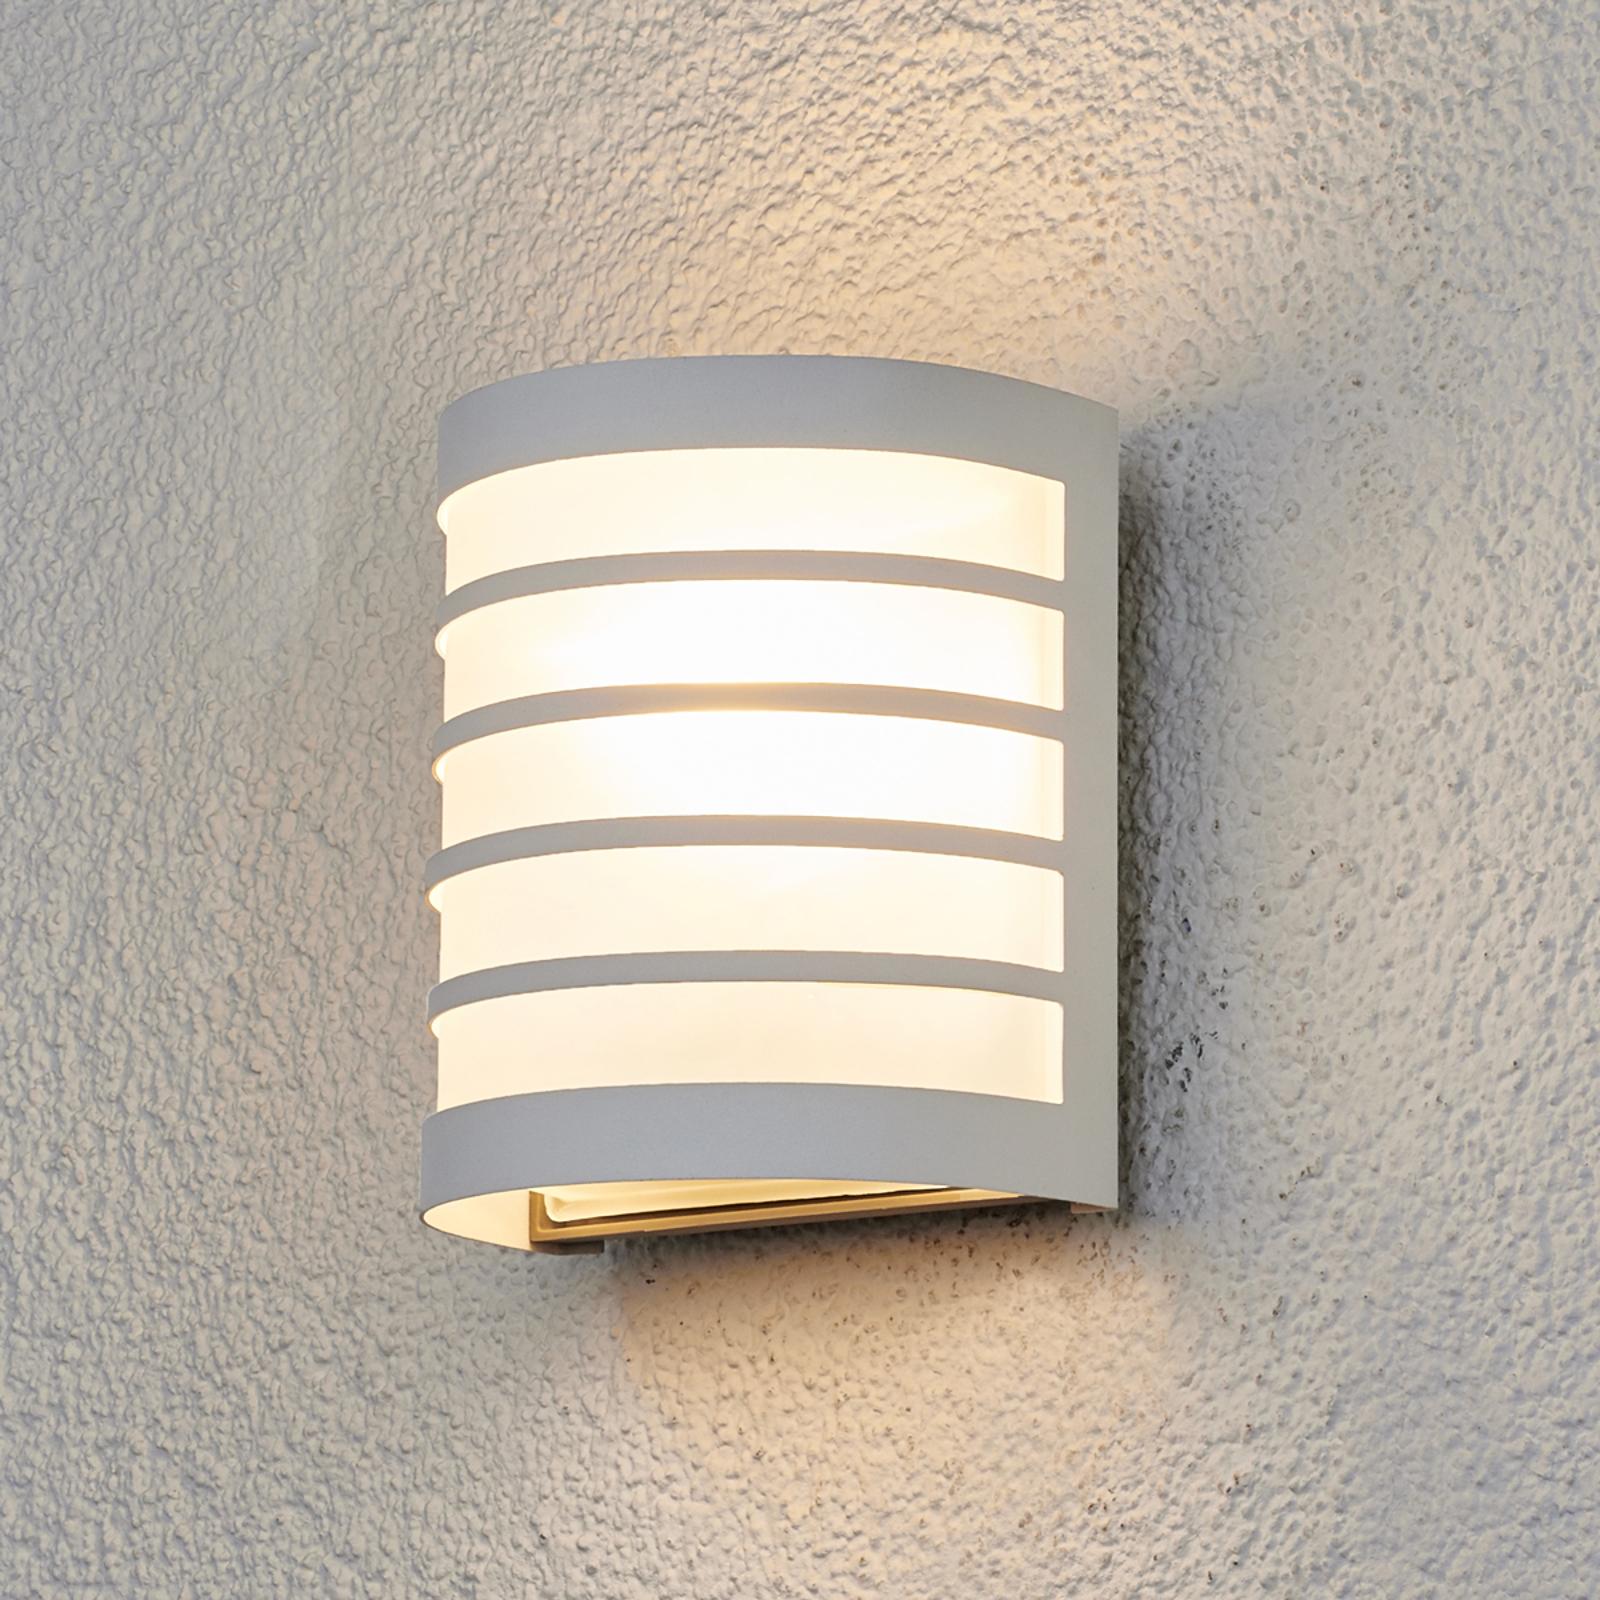 Biała zewnętrzna lampa ścienna CALIN z paskami